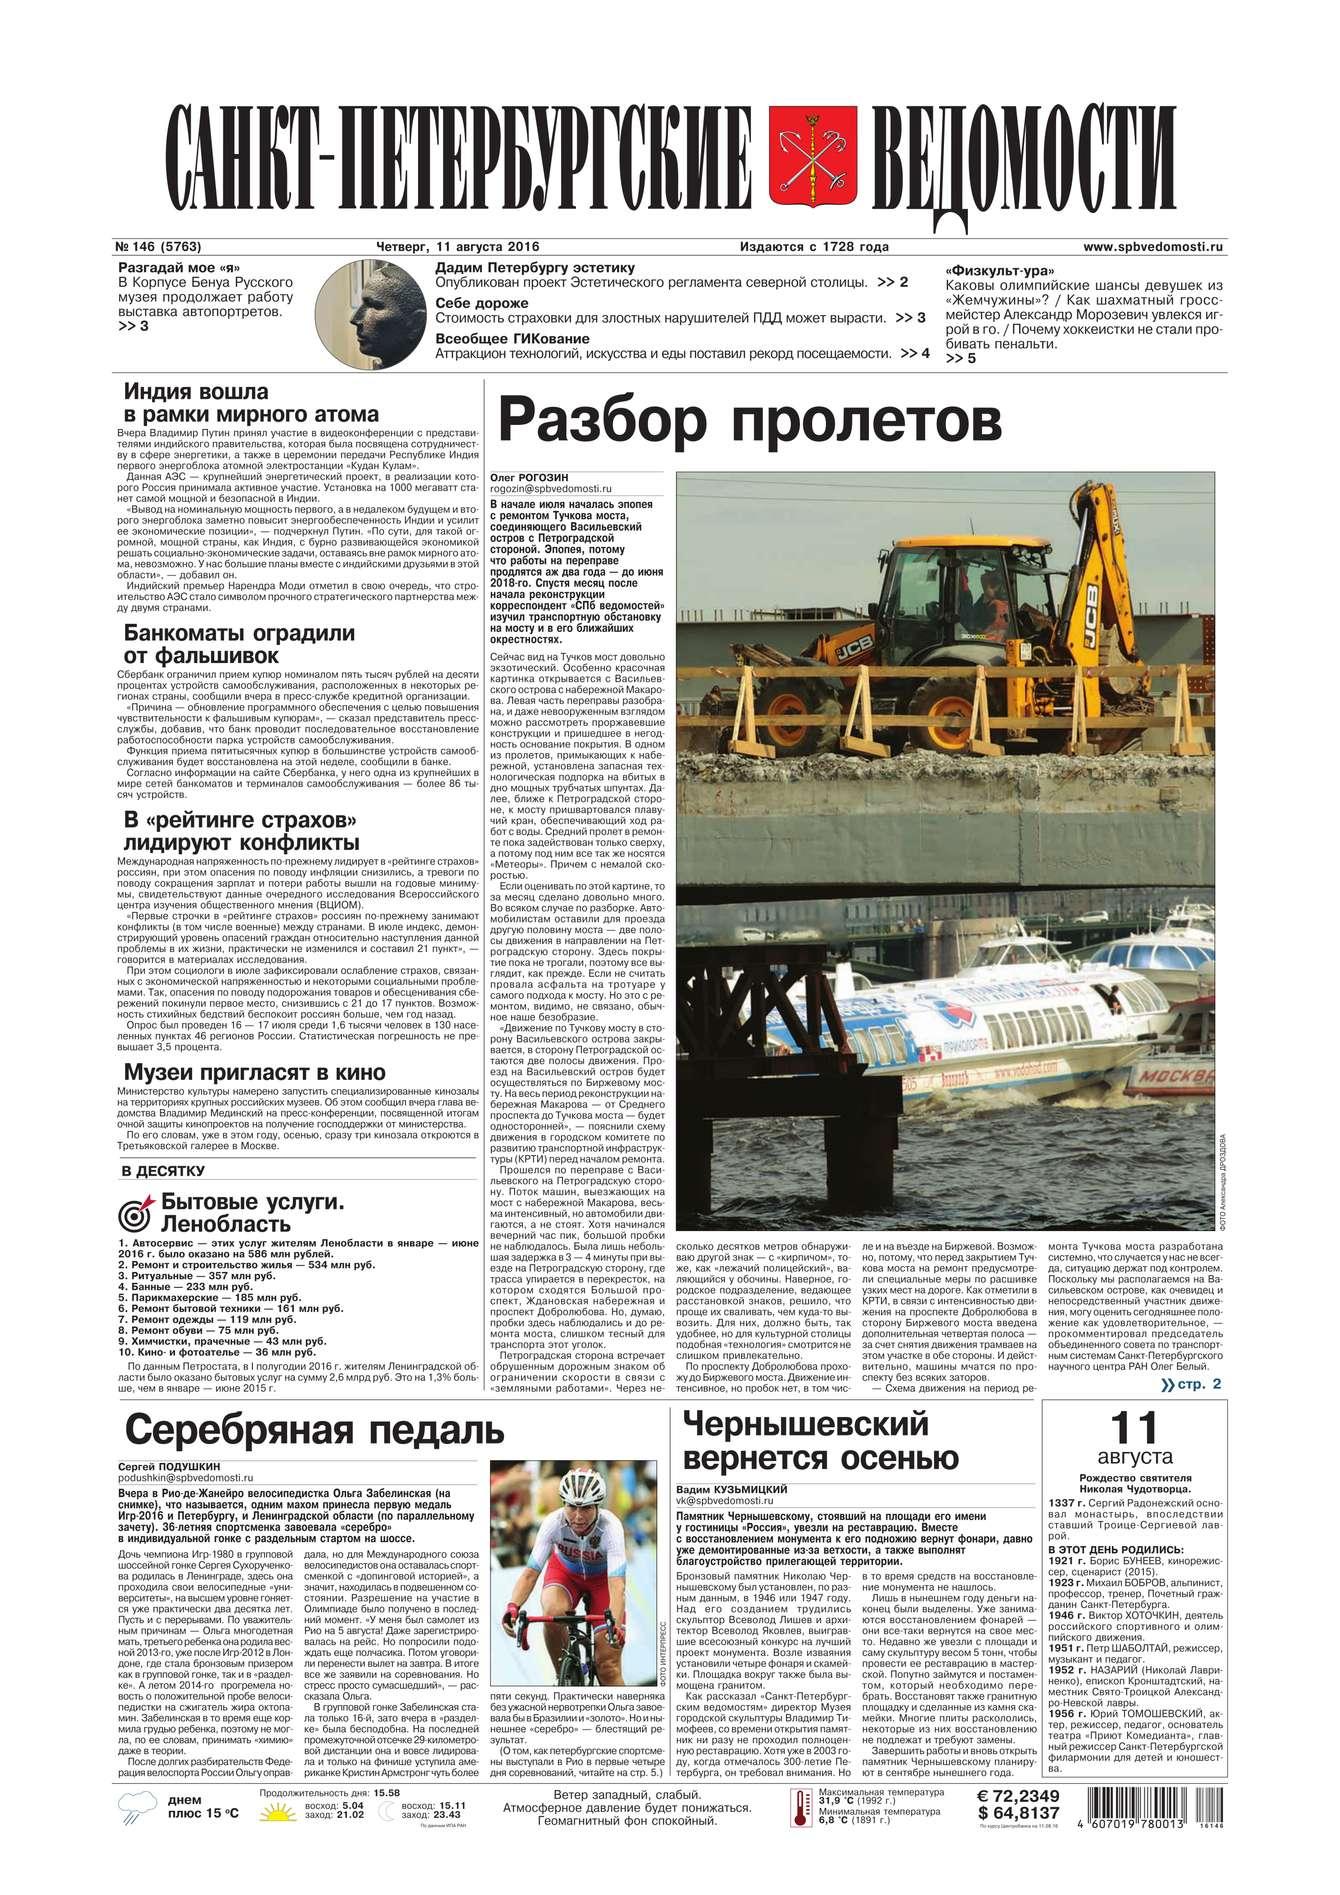 Редакция газеты Санкт-Петербургские ведомости Санкт-Петербургские ведомости 146-2016